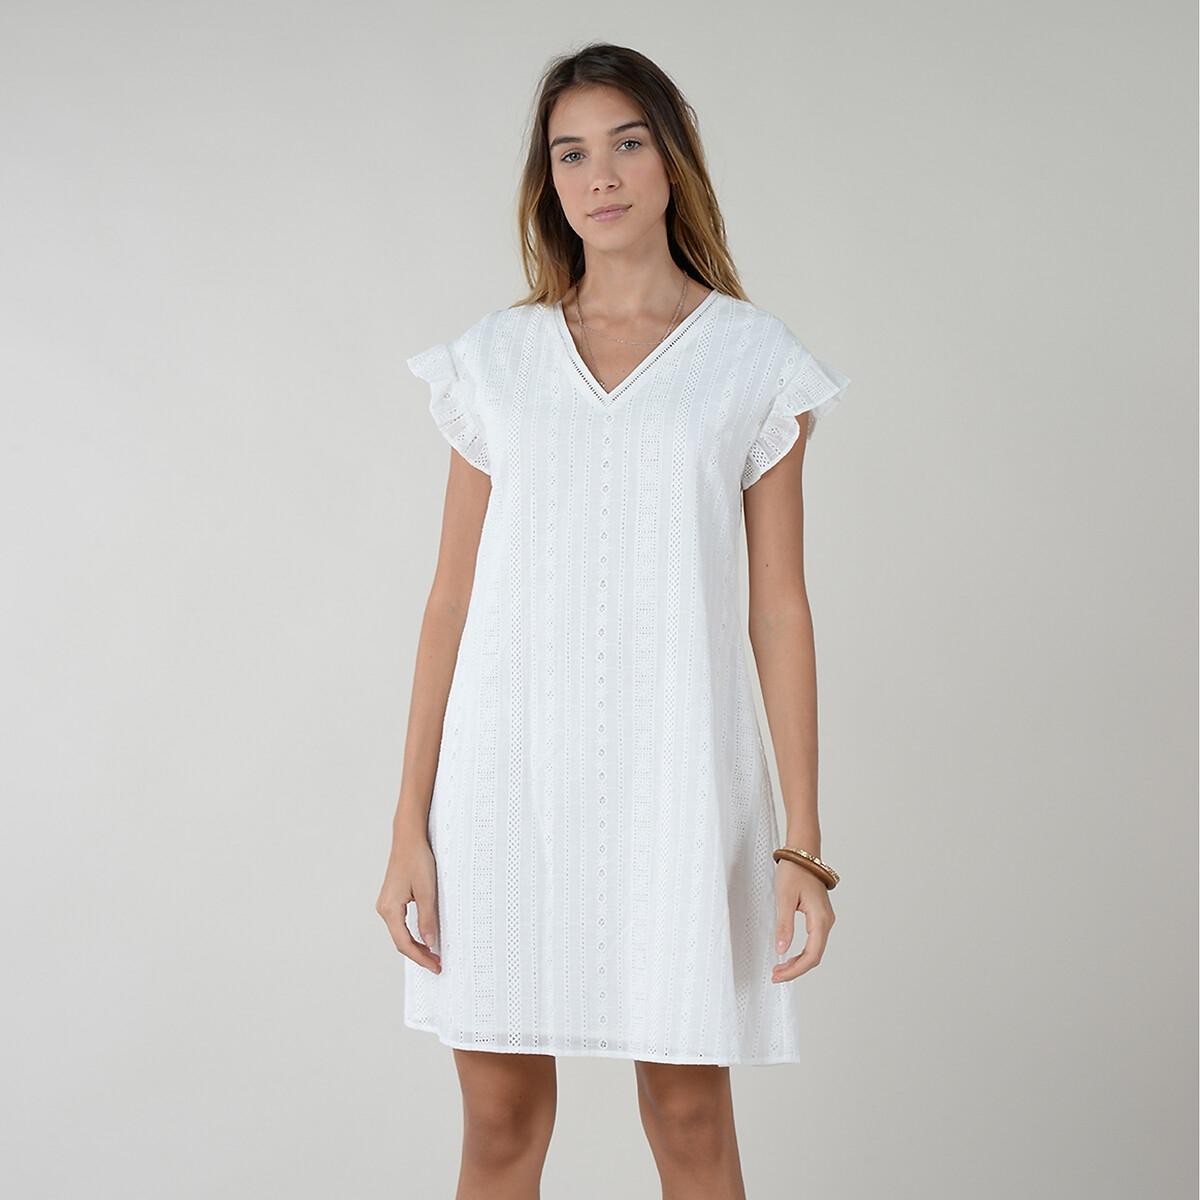 Платье LaRedoute С глубоким V-образным вырезом без рукавов укороченное из хлопка с вышивкой S белый